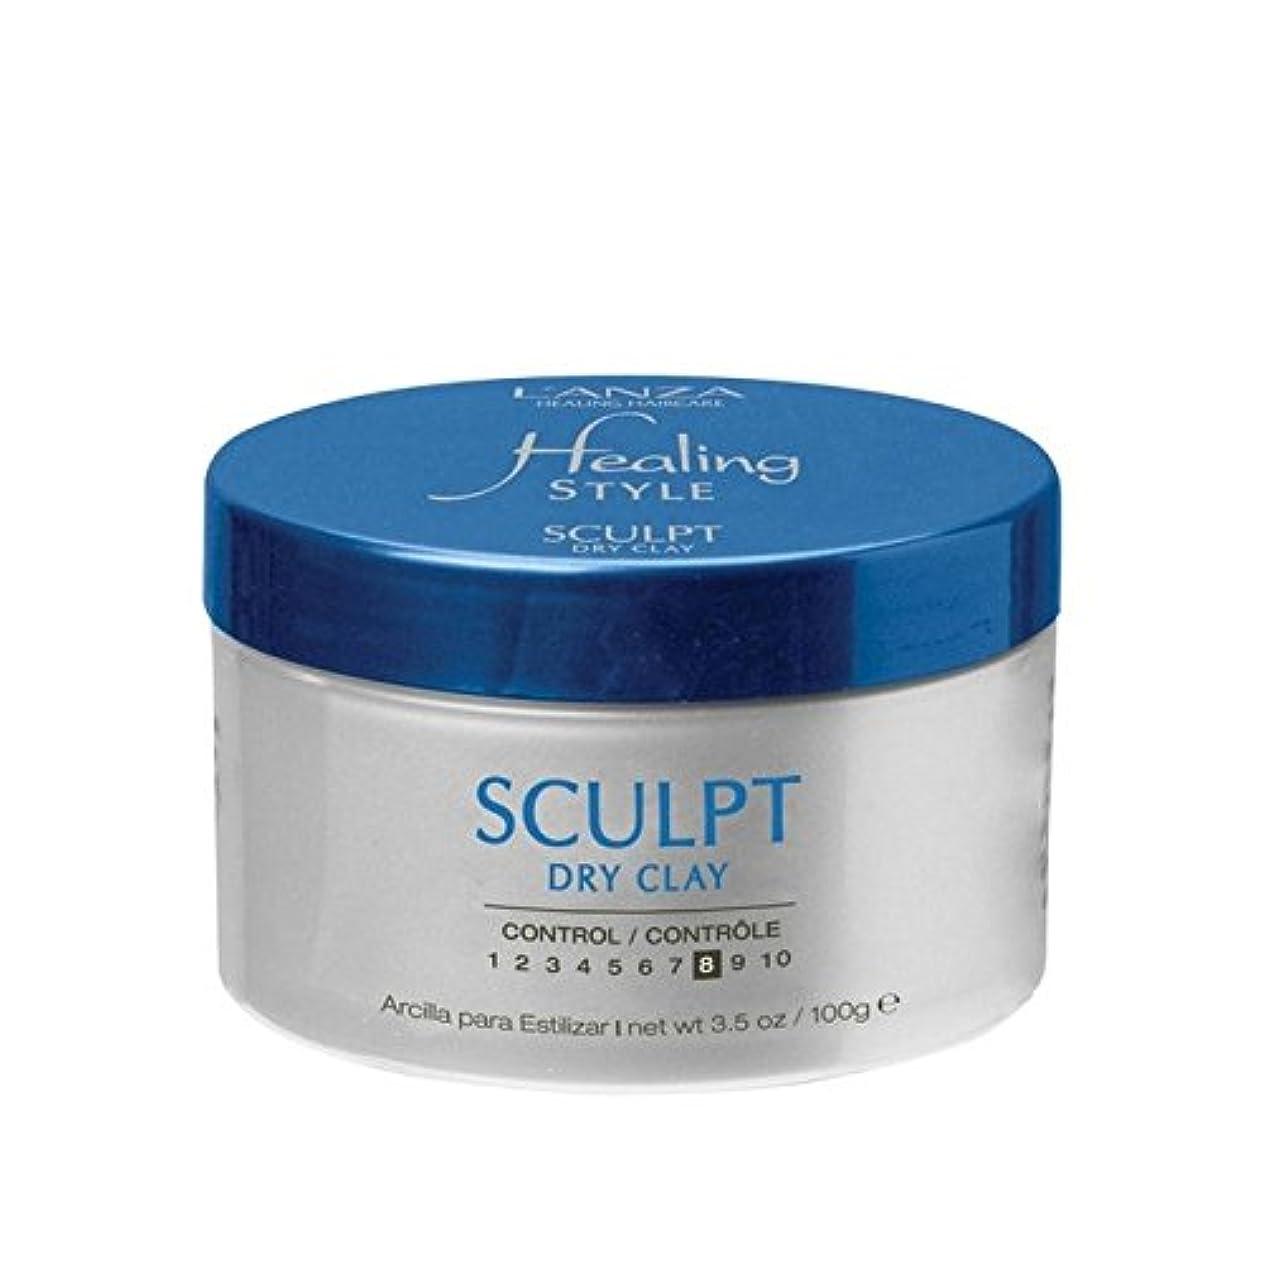 予算寝る未来L'Anza Healing Style Sculpt Dry Clay (100G) (Pack of 6) - のアンザ治癒スタイル乾燥粘土(100グラム)を彫刻 x6 [並行輸入品]